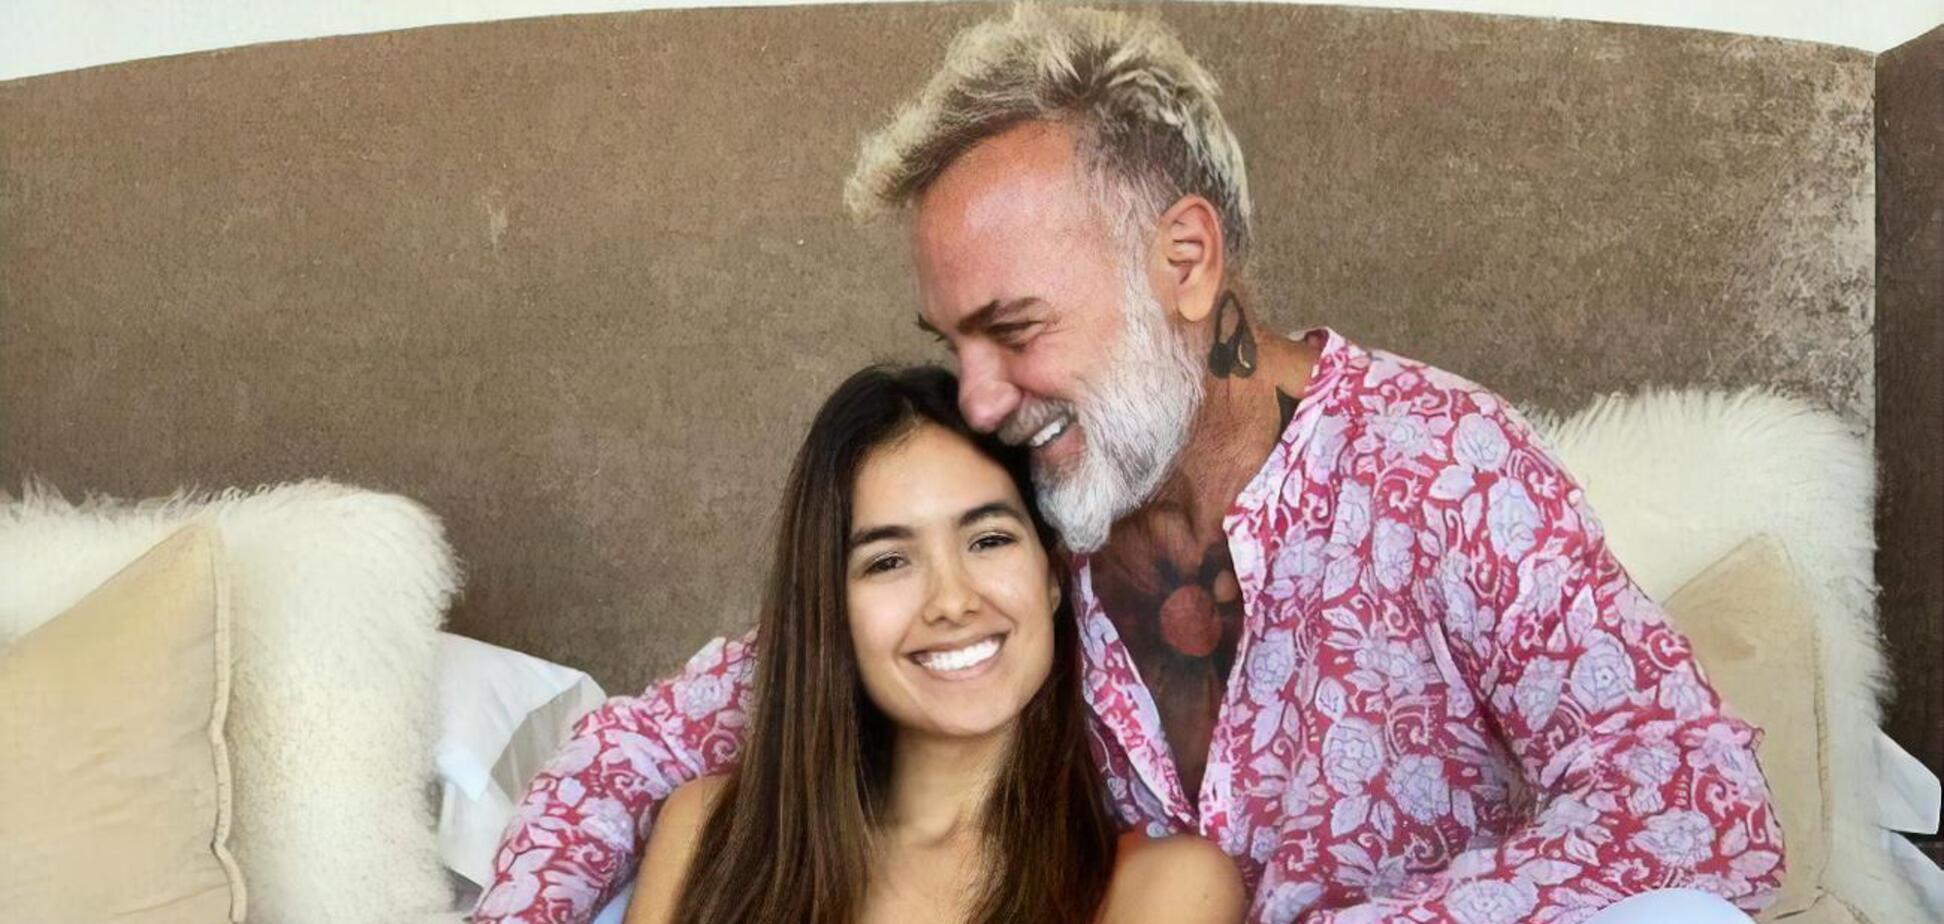 53-річний 'Мільйонер, що танцює' Джанлука Ваккі вперше став батьком